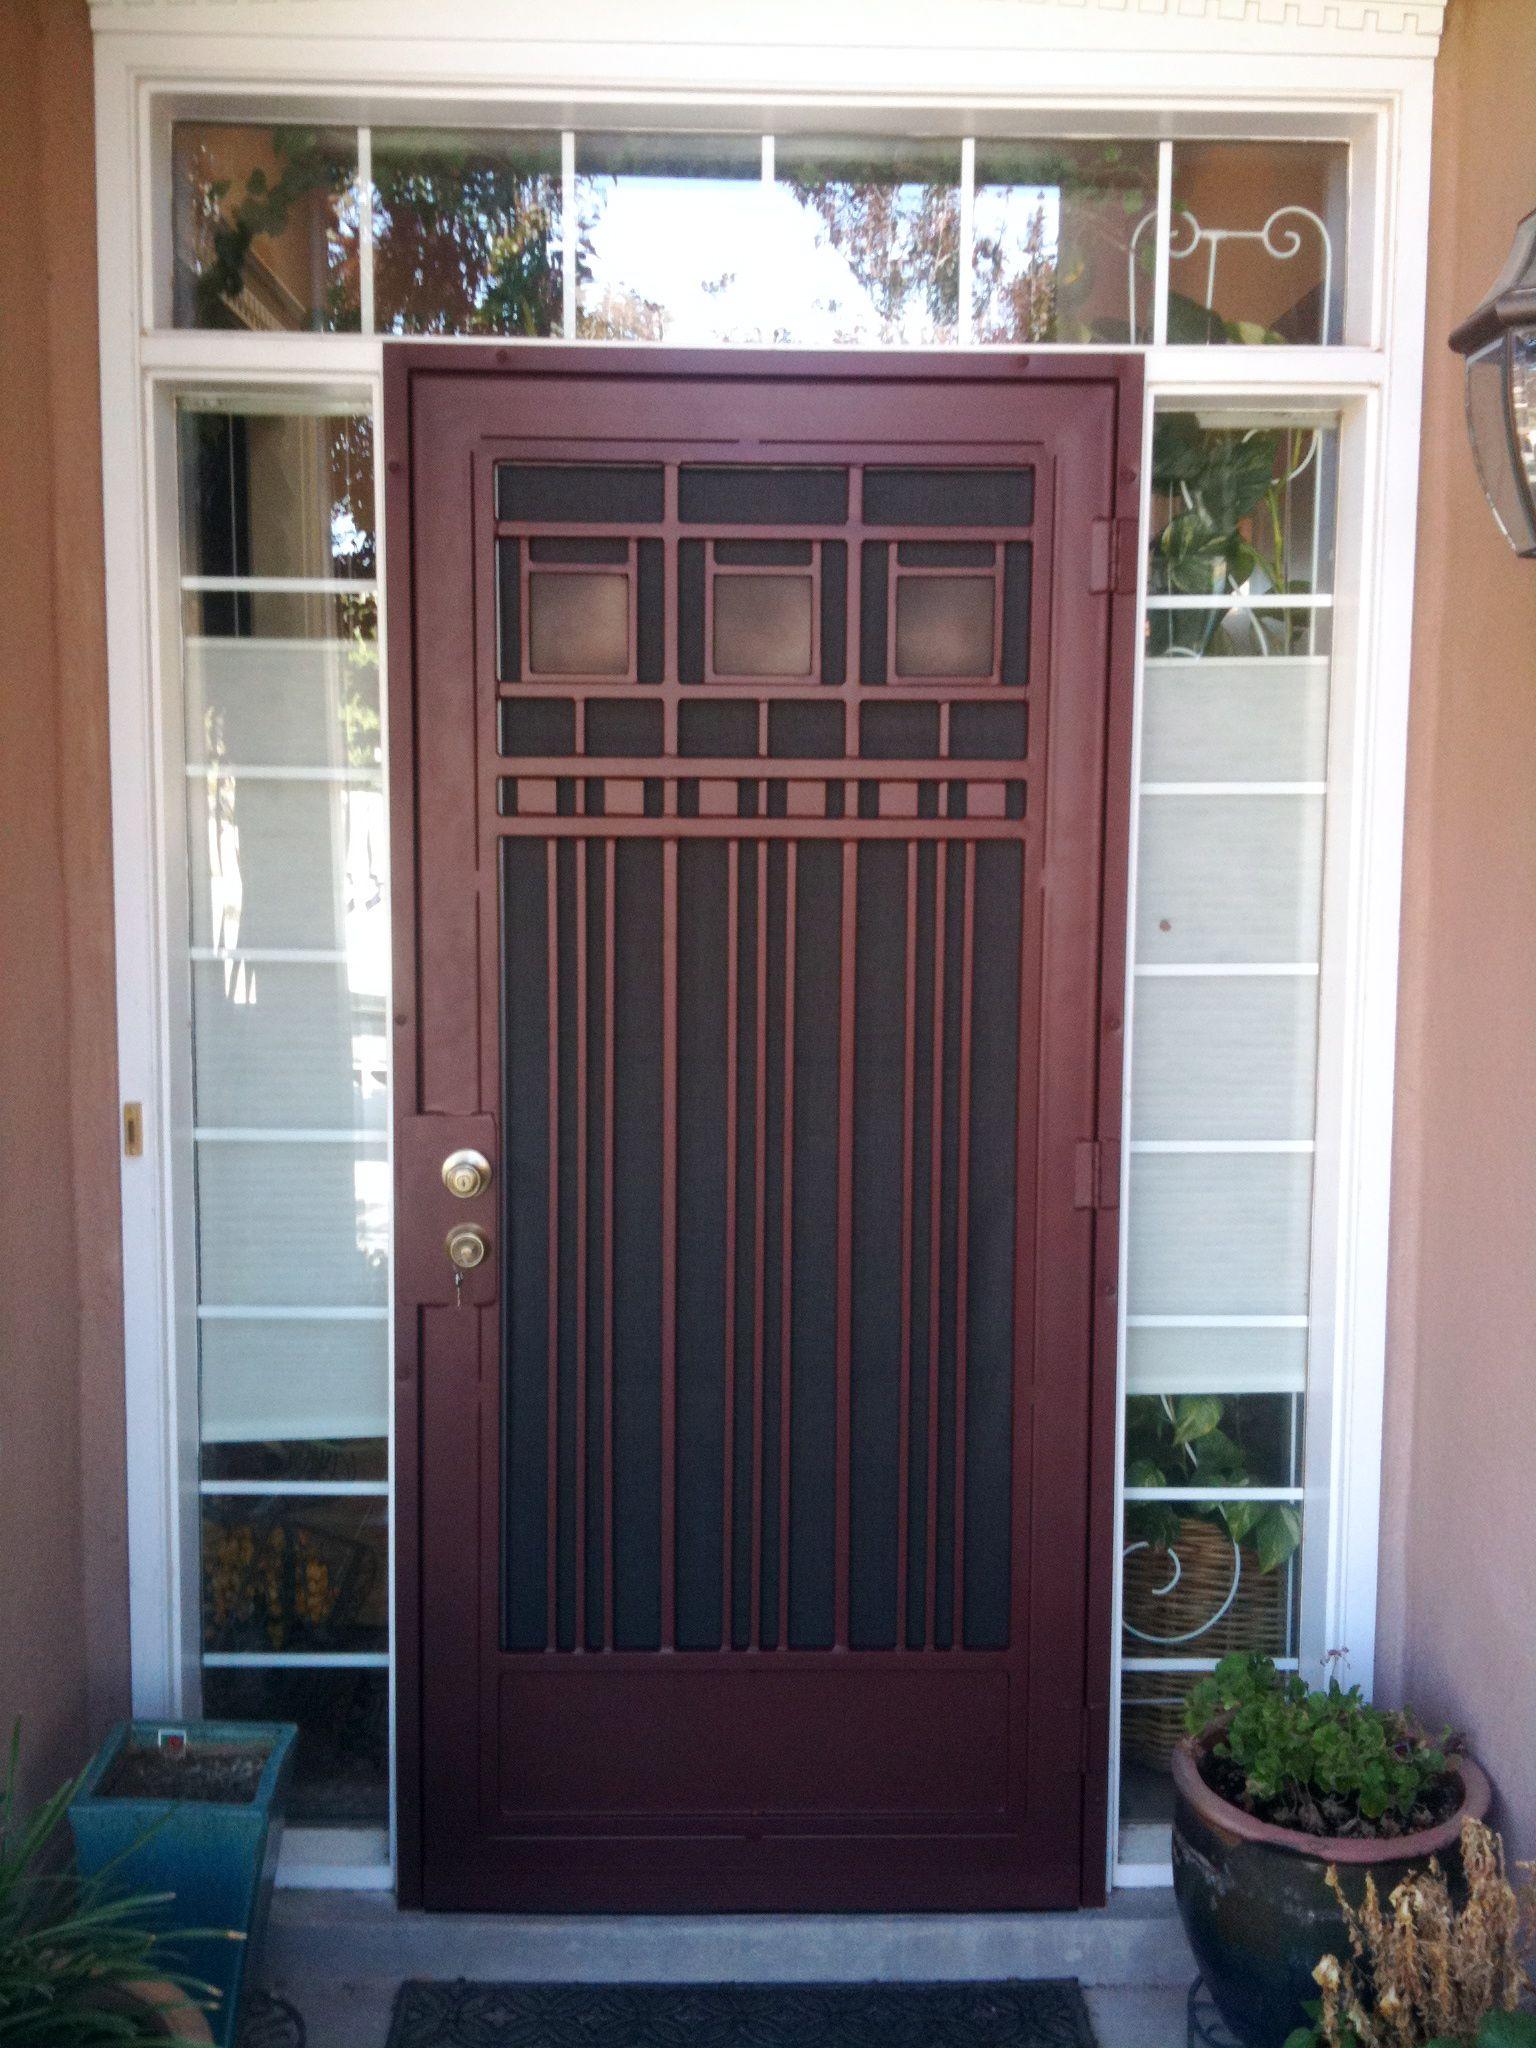 Security Doors Albuquerque Google Search Security Door Wrought Iron Security Doors Iron Security Doors